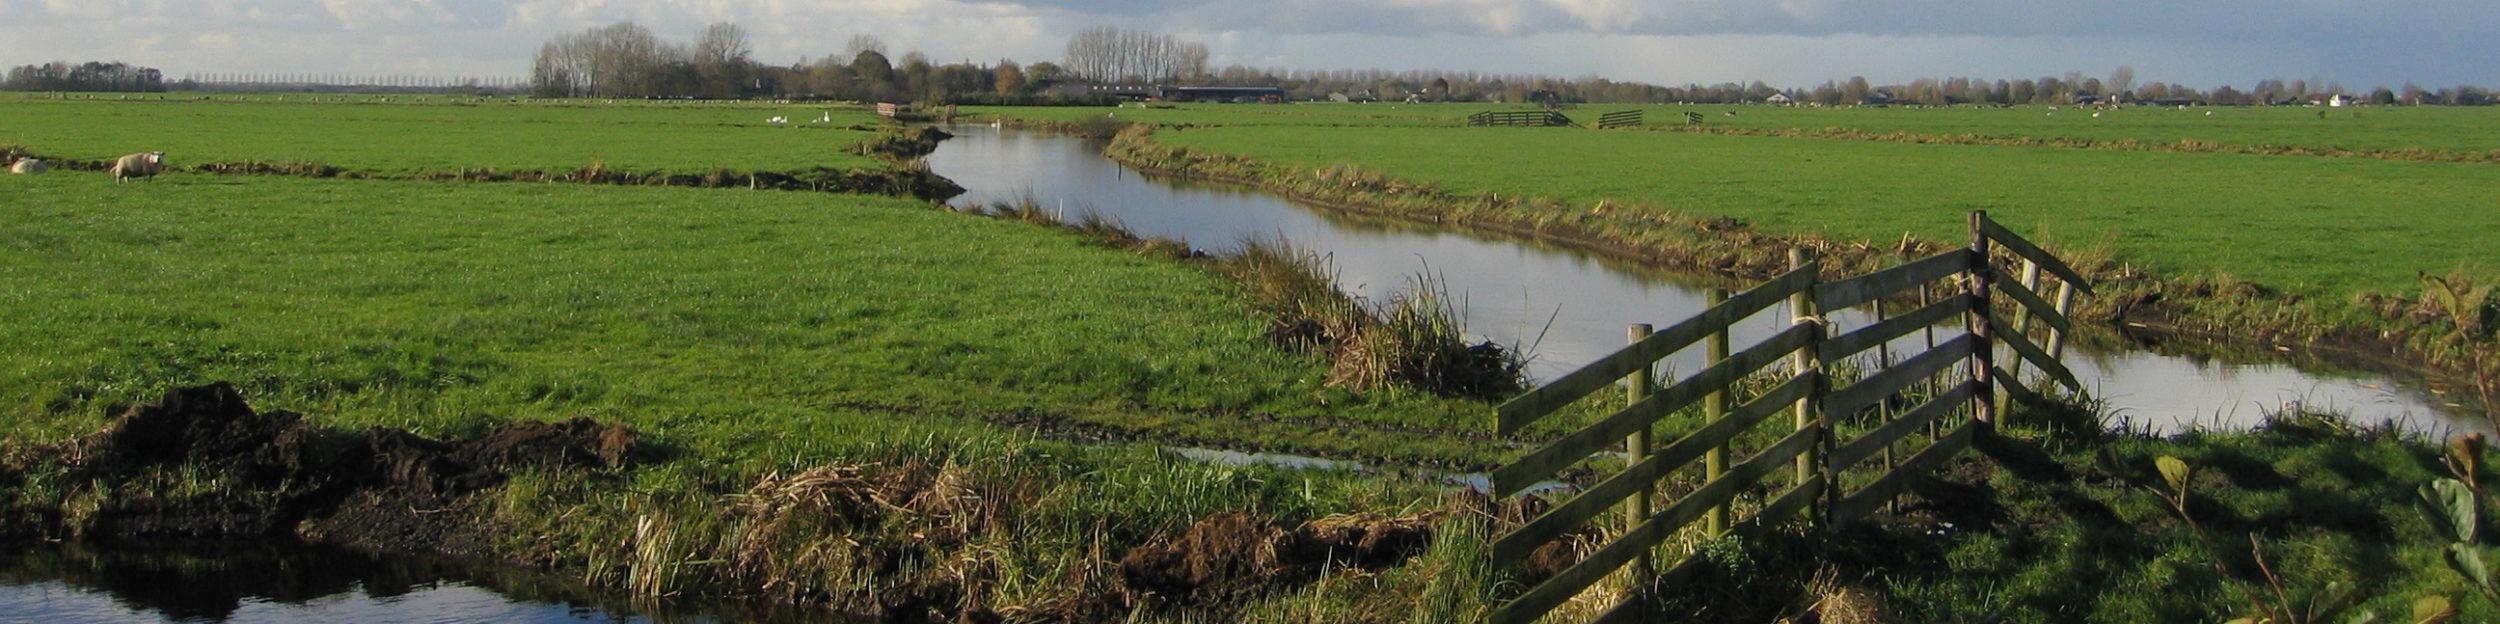 PvdA-GroenLinks-LokaalSociaal De Ronde Venen